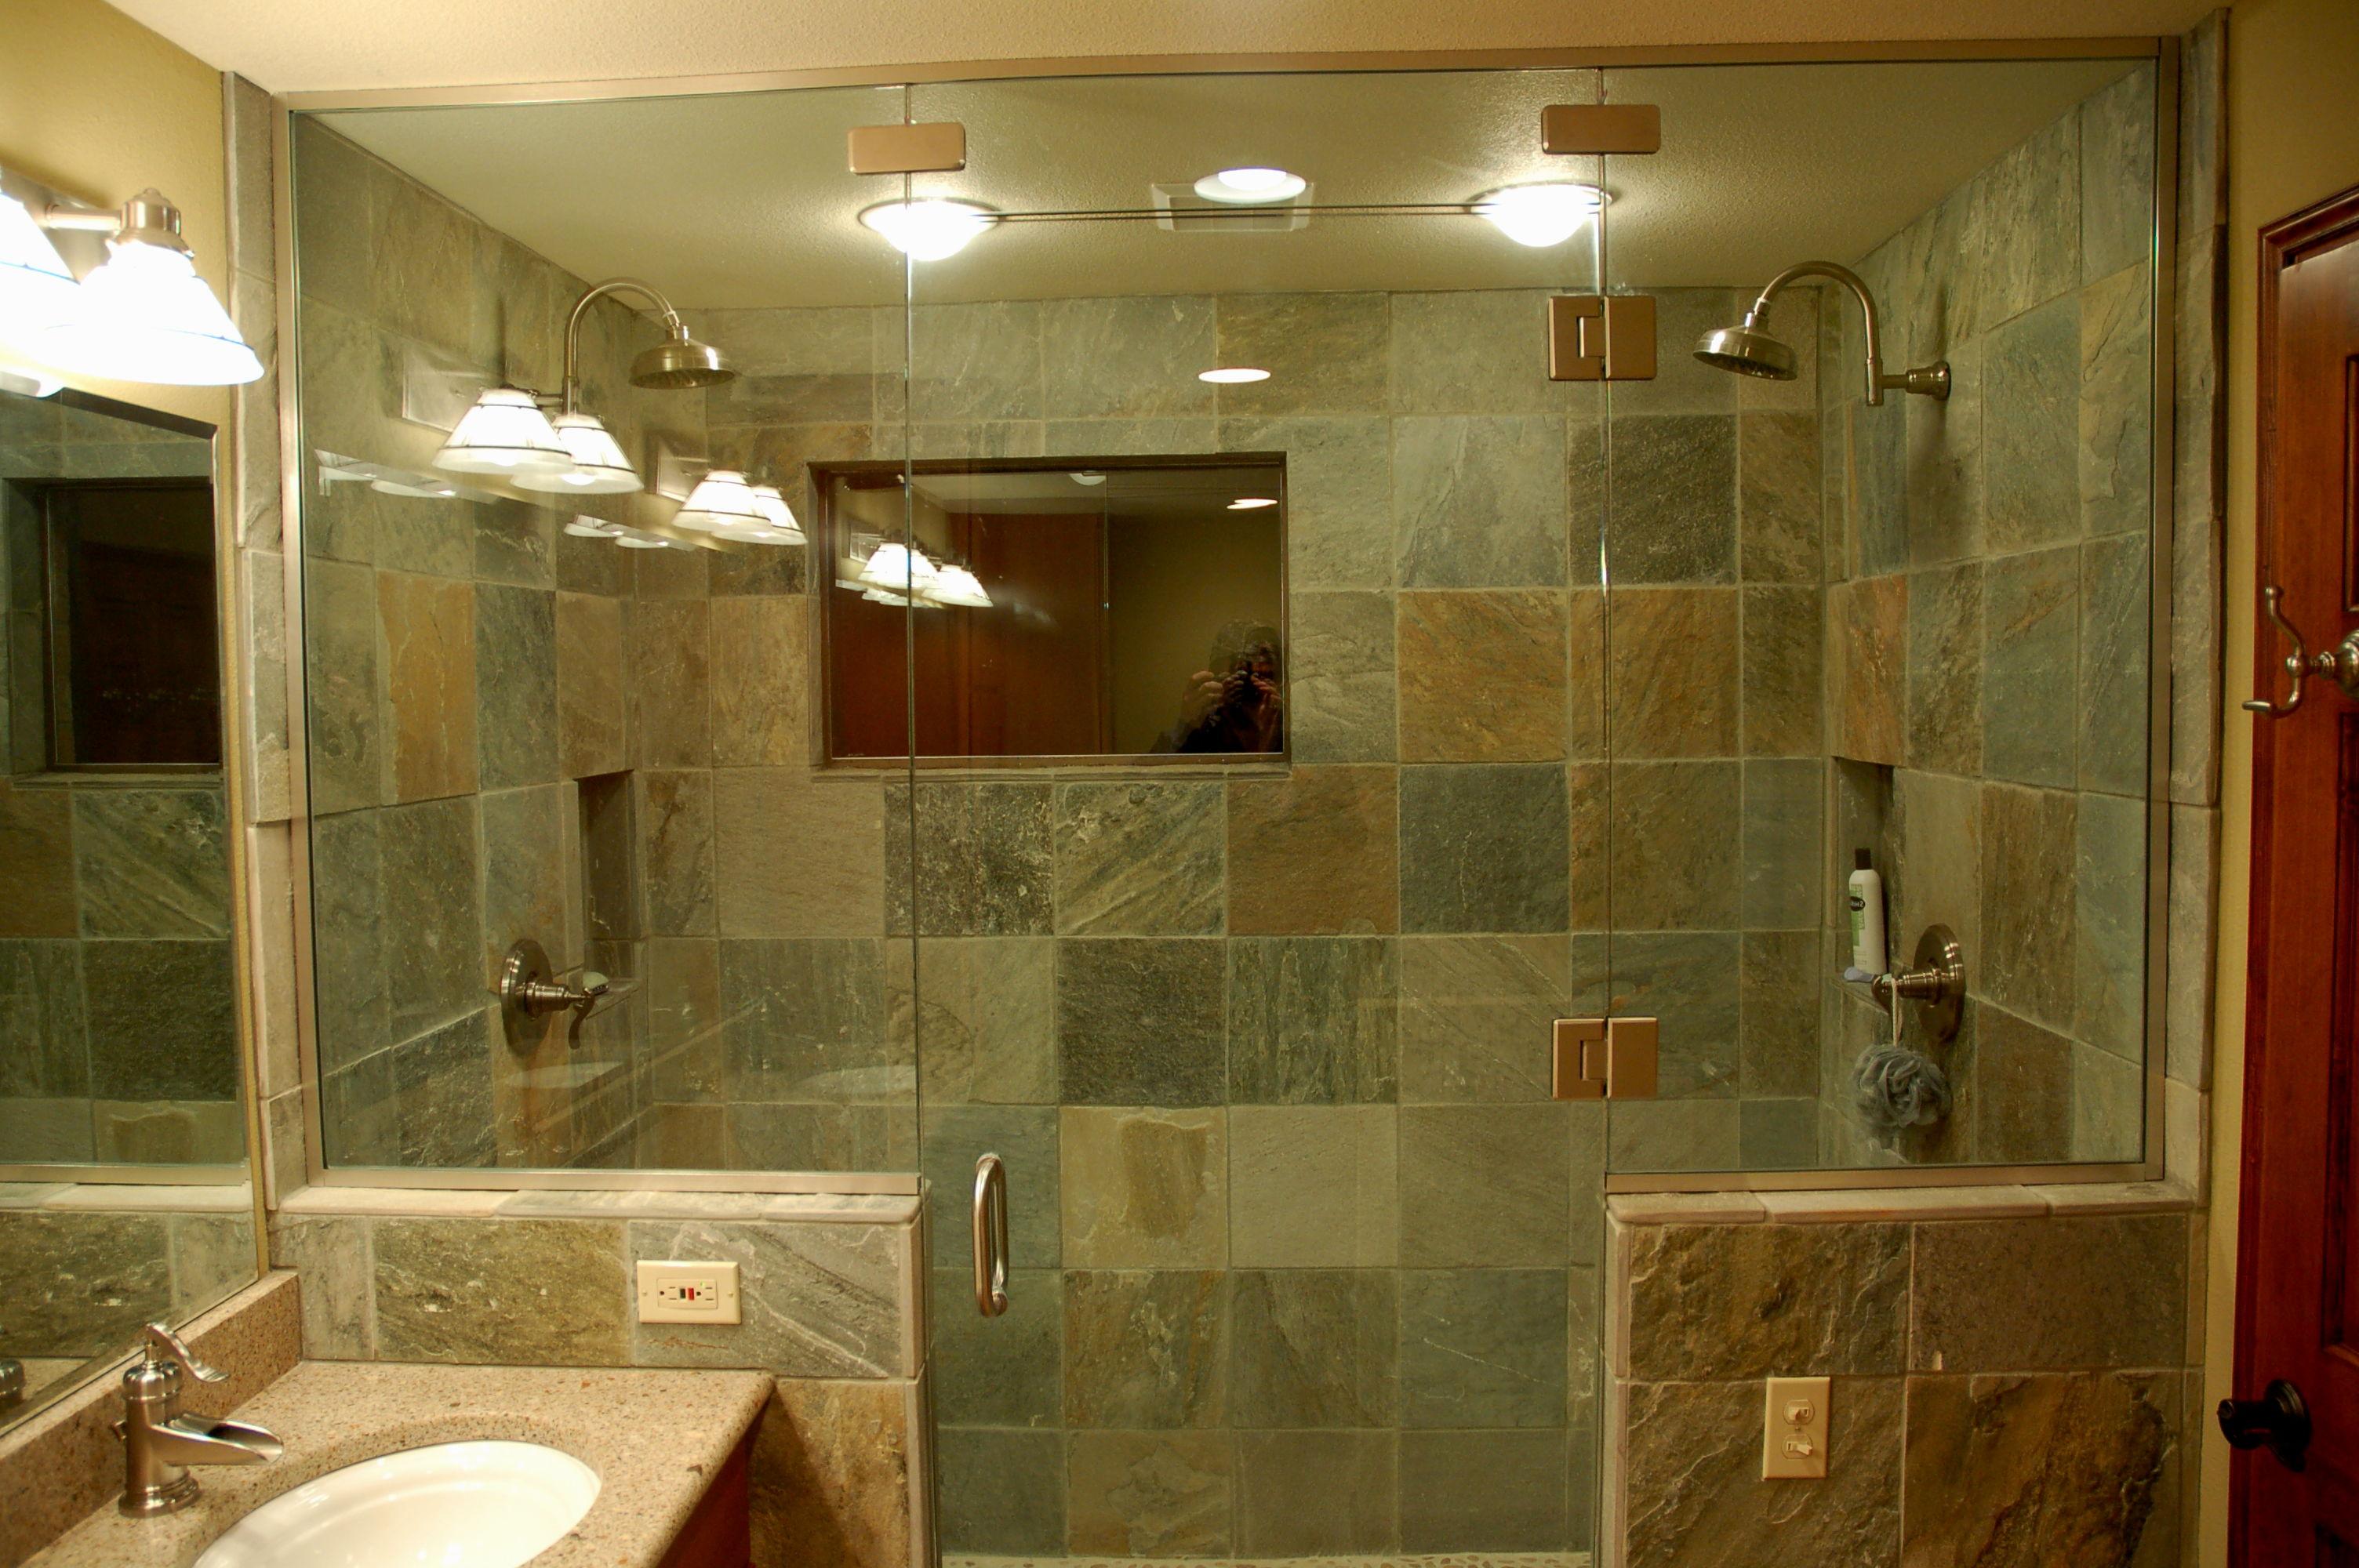 fantastic bathroom double vanities with tops layout-Wonderful Bathroom Double Vanities with tops Gallery